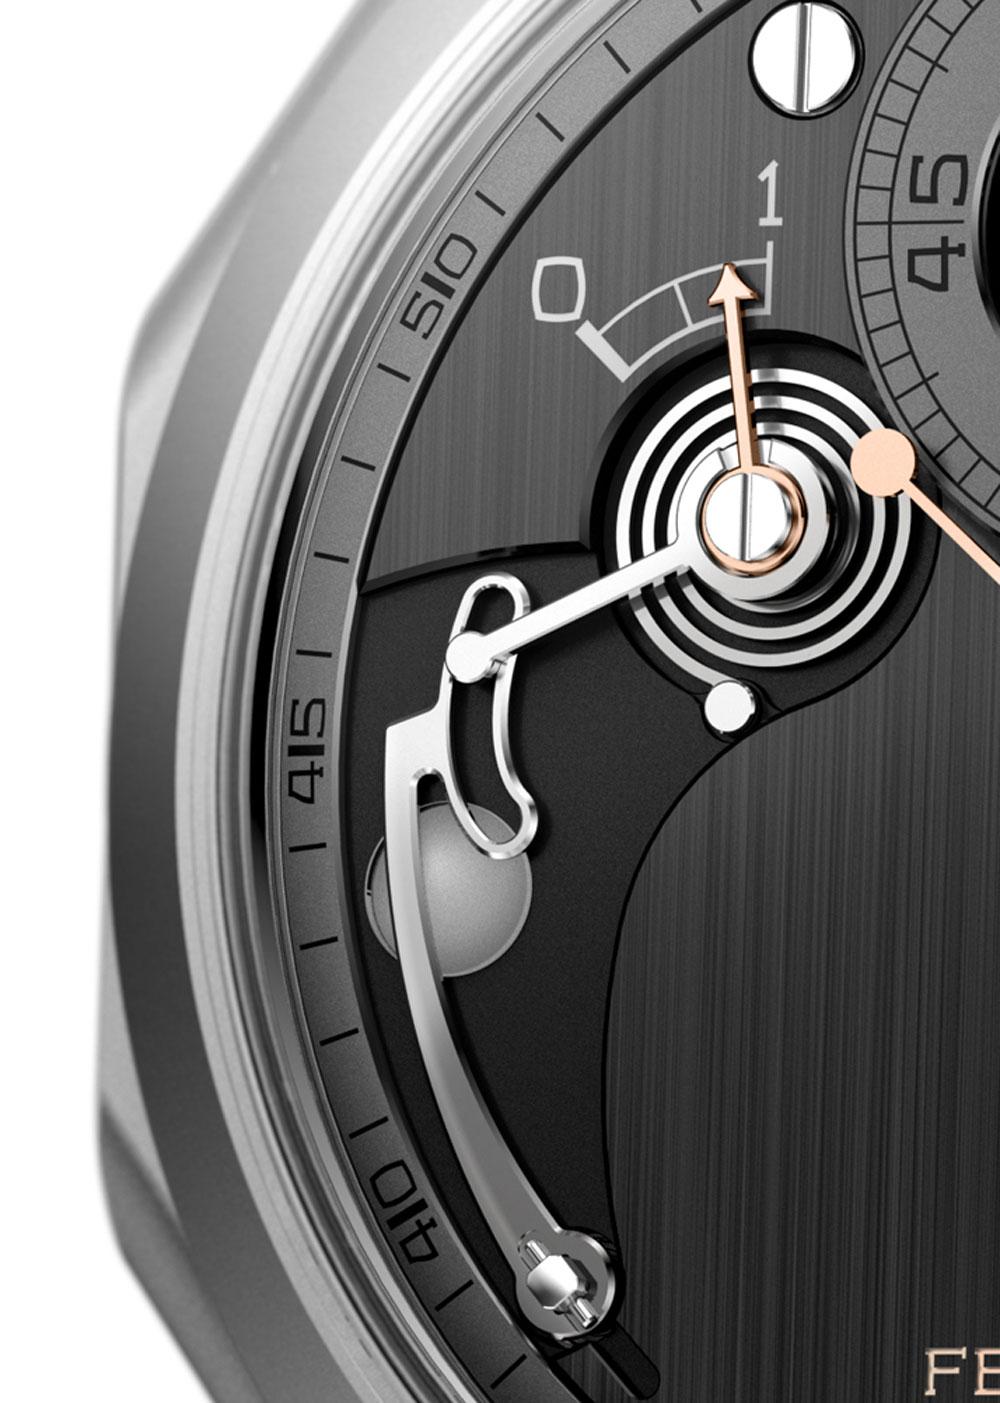 dispositivo de la indicación de la reserva de marcha reloj CHRONOMÉTRIE FERDINAND BERTHOUD FB-1R.6-1